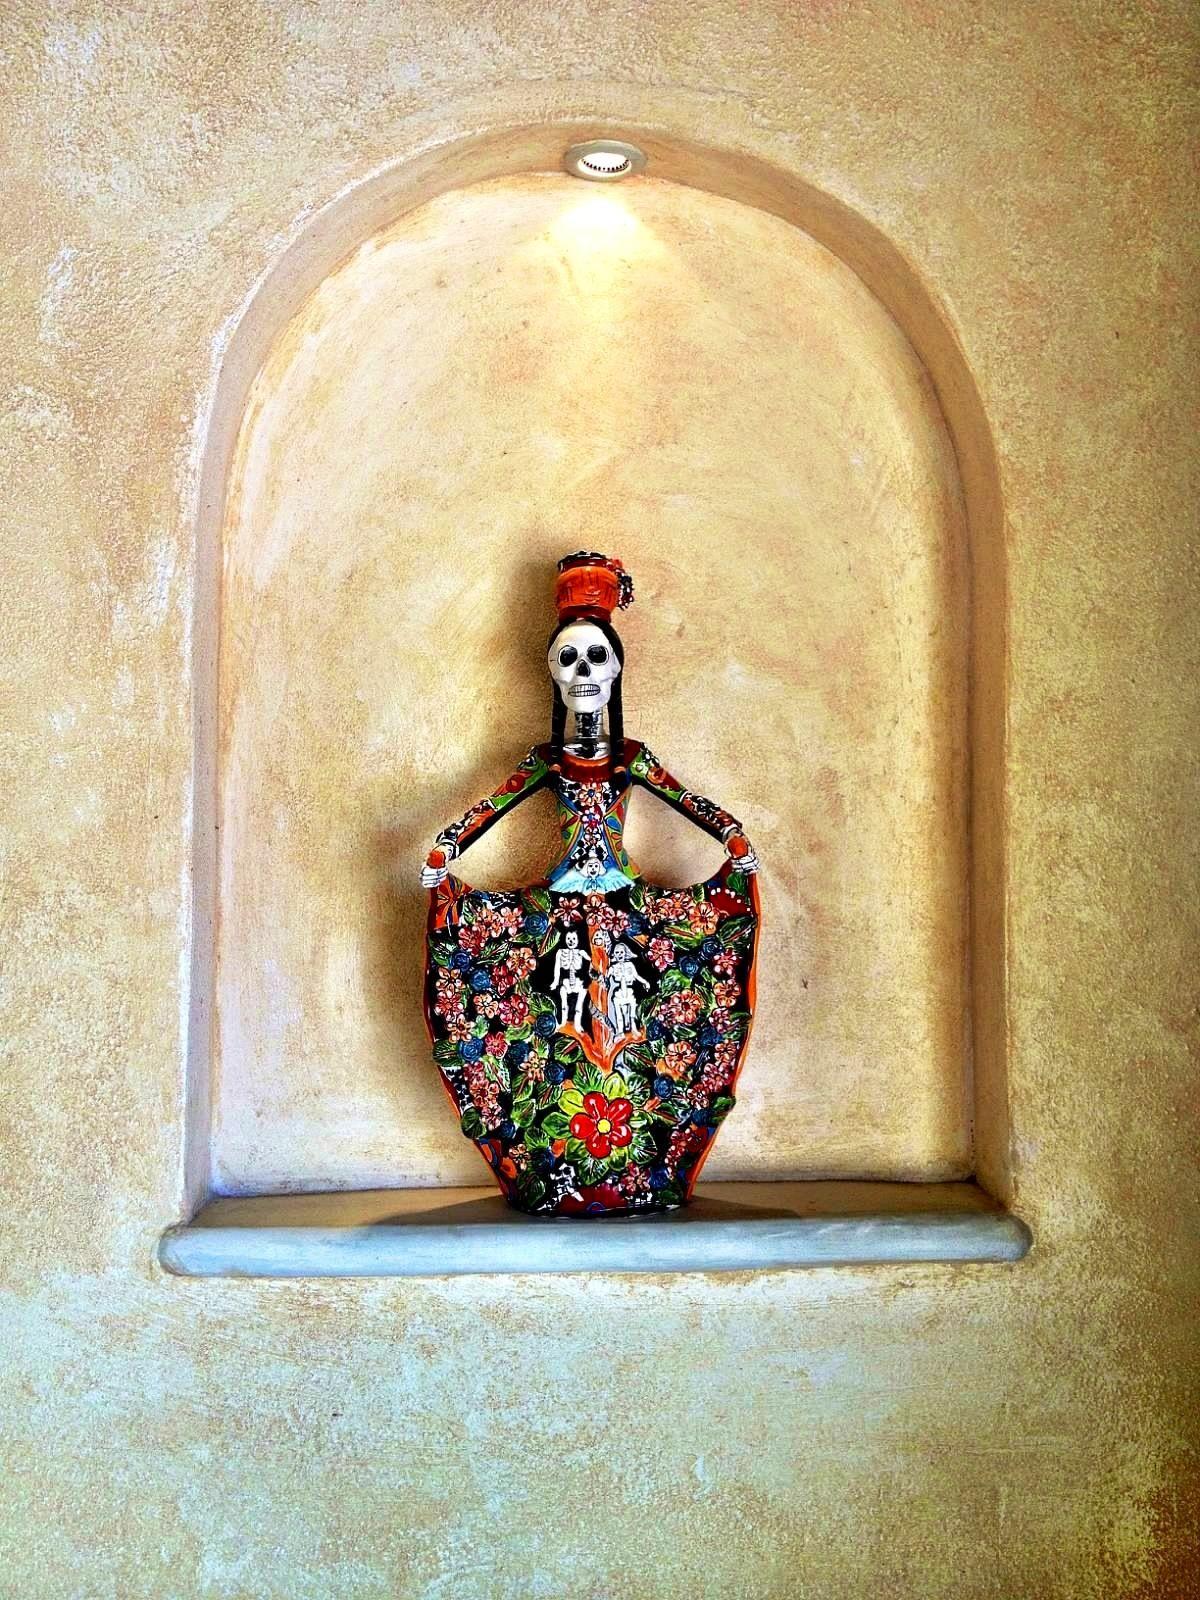 Dia De Los Muertos figurines | Villa Boda Decor | Pinterest | Sacred ...